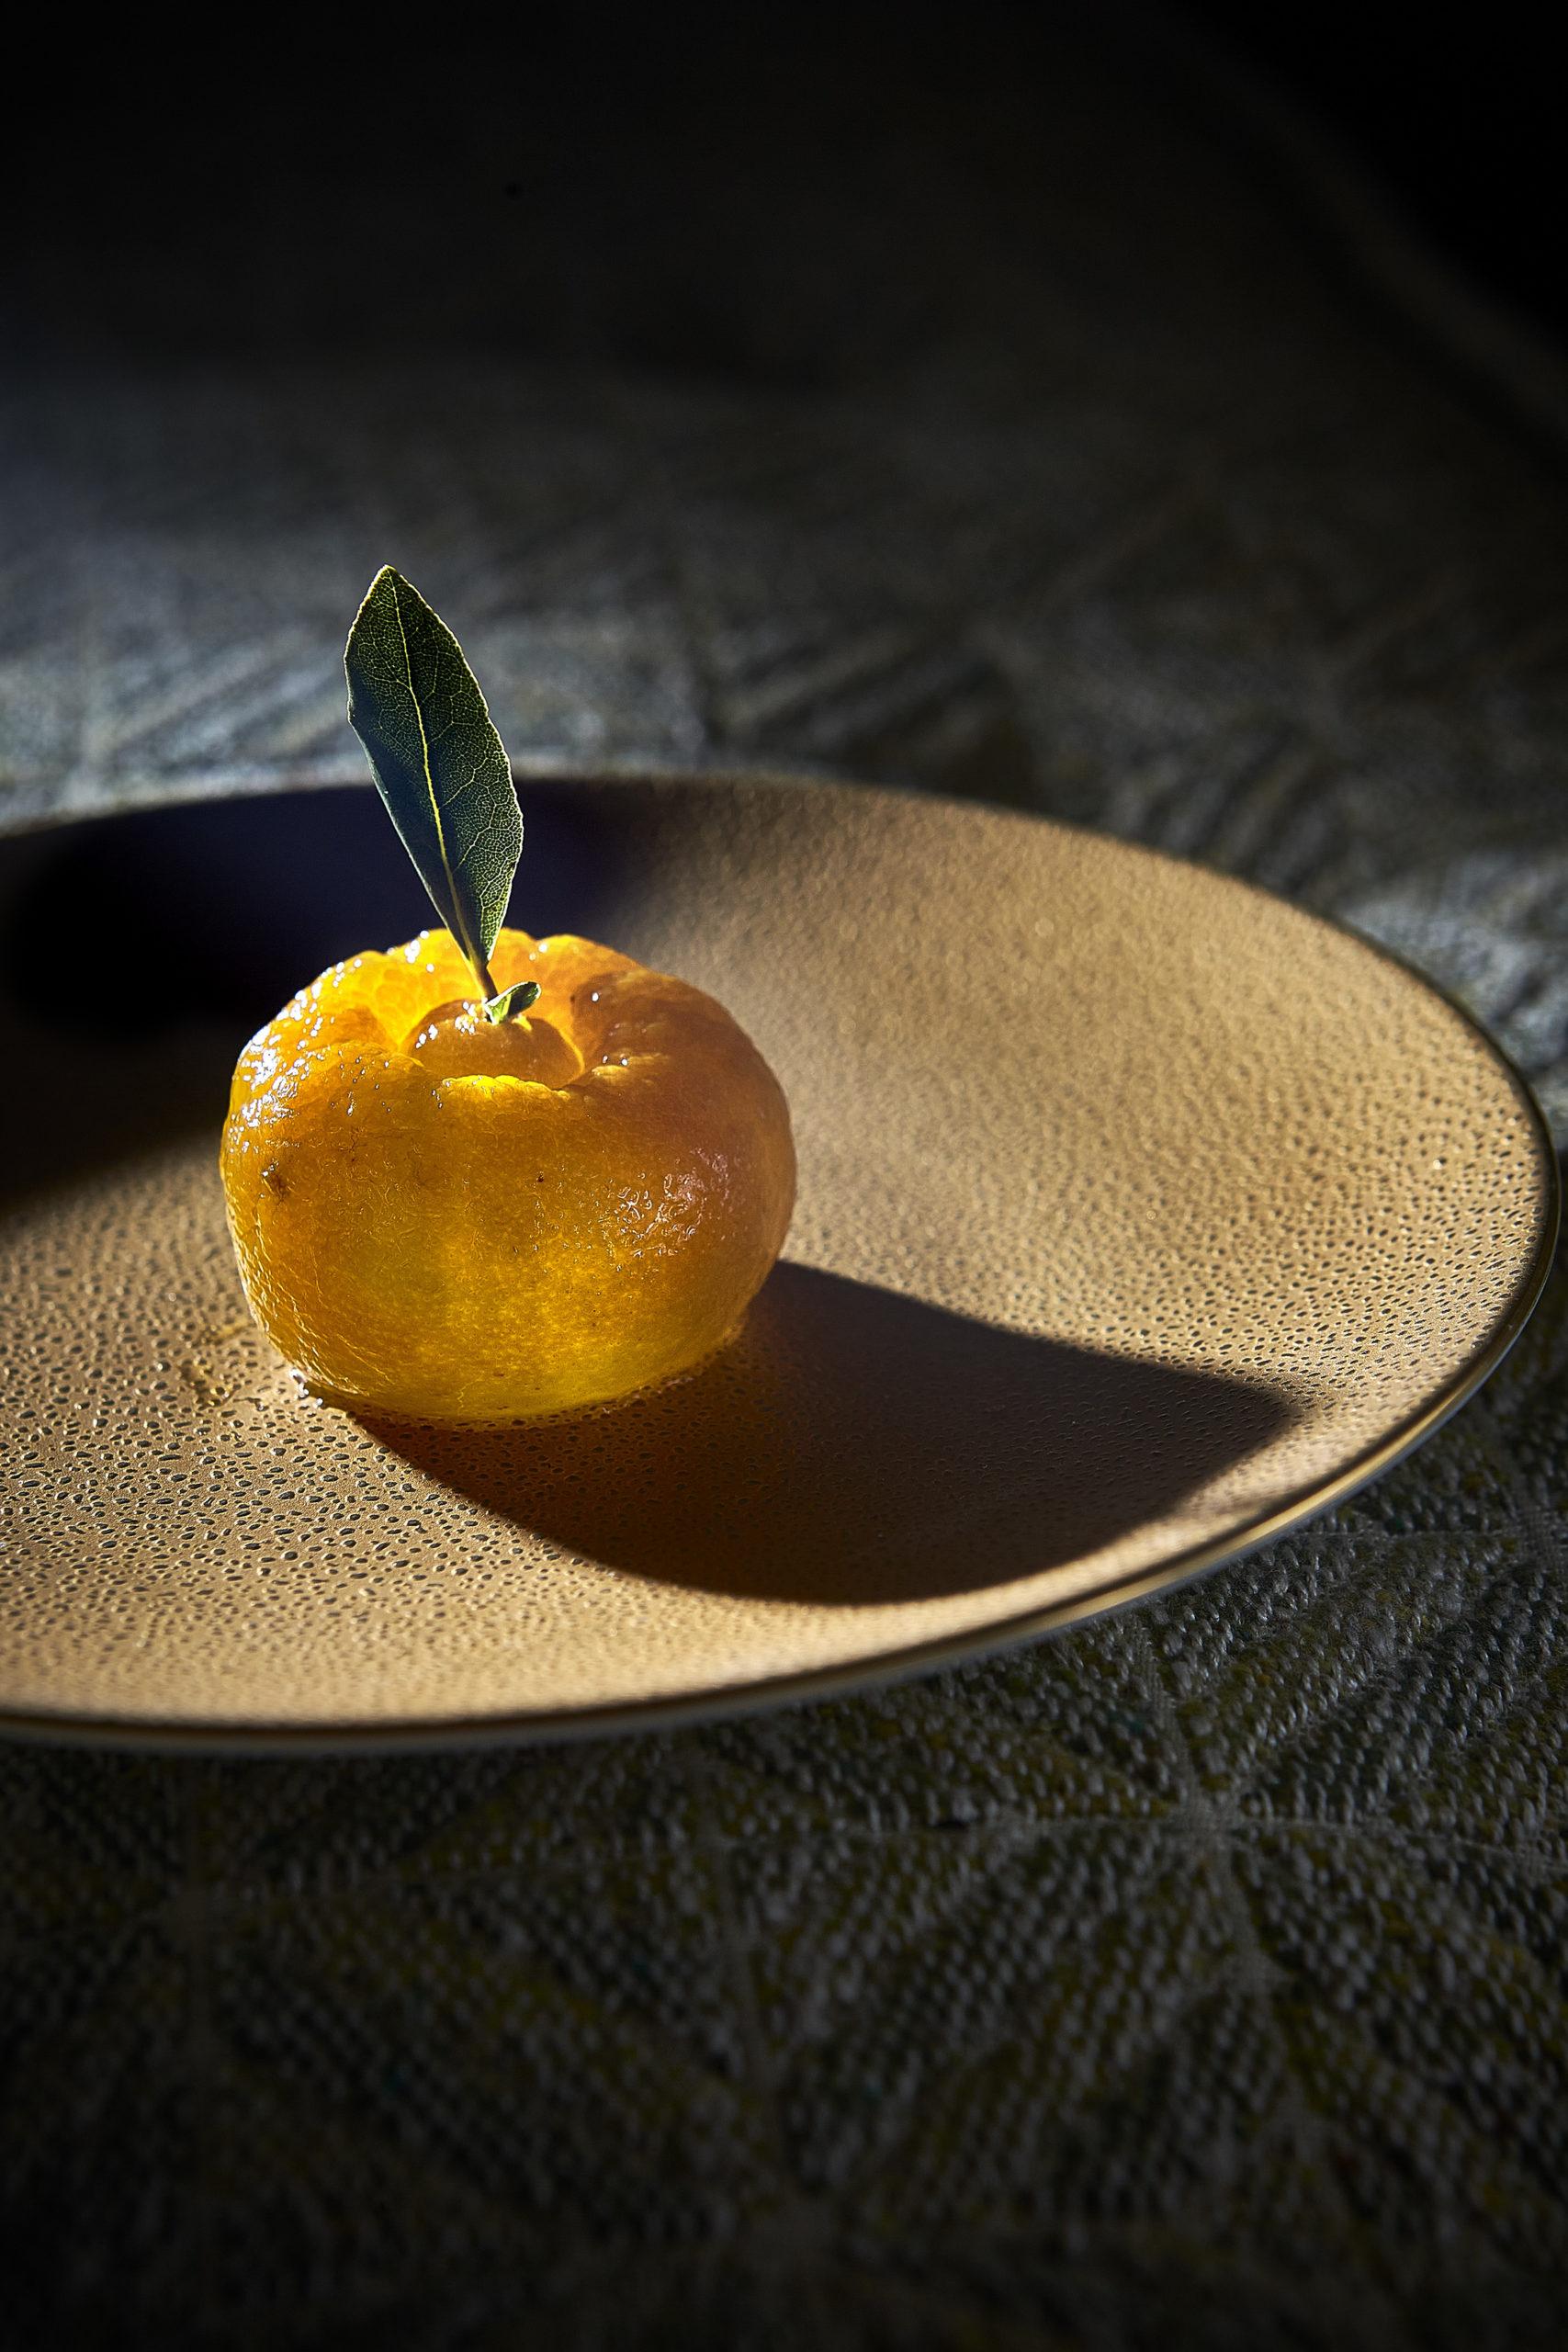 """Limón, con """"ganache"""" cítrica y confitura de Bergamoto de Hortensio"""